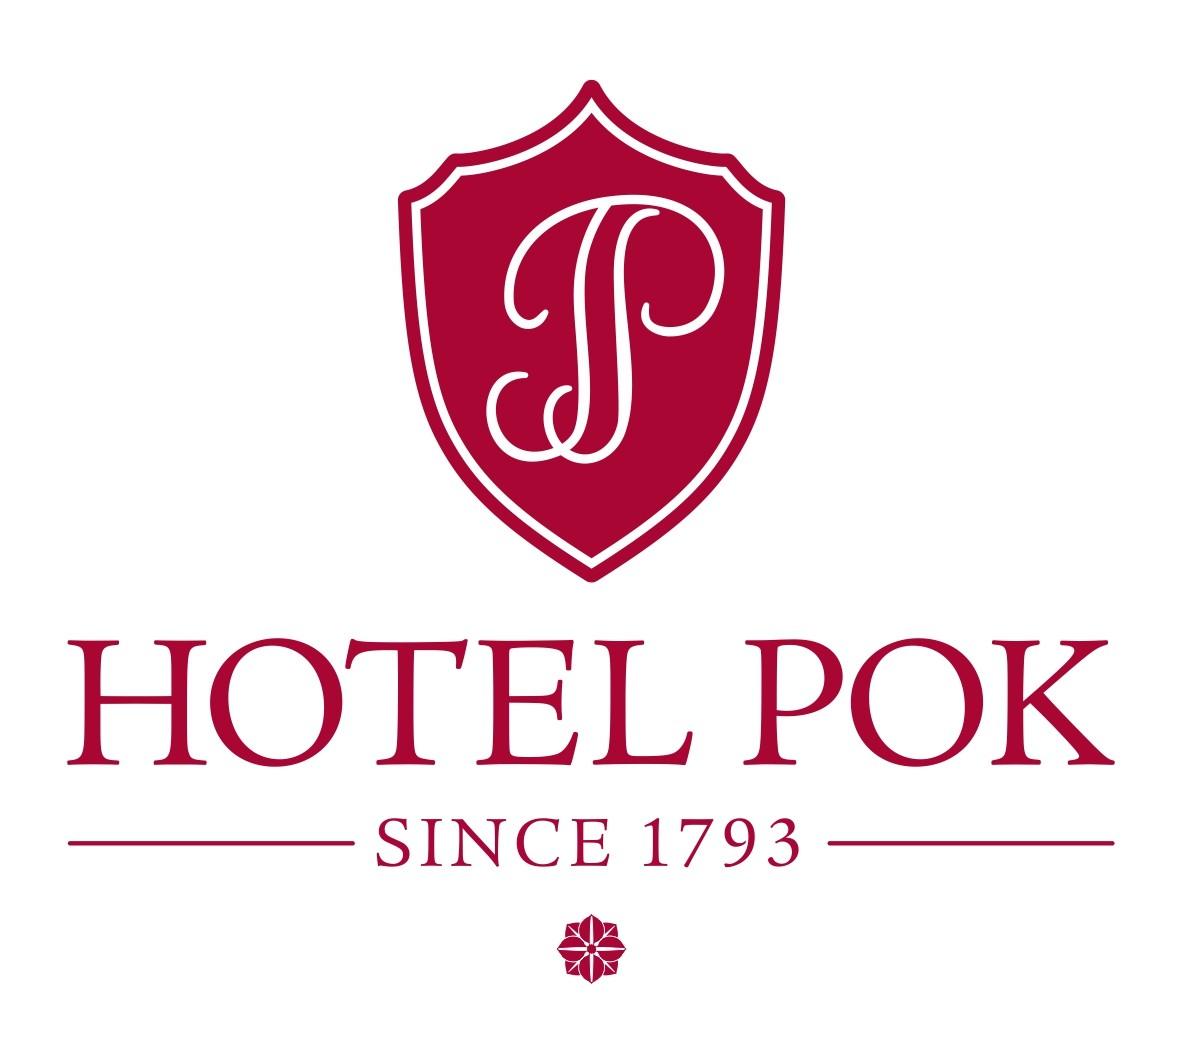 Hotel Pok